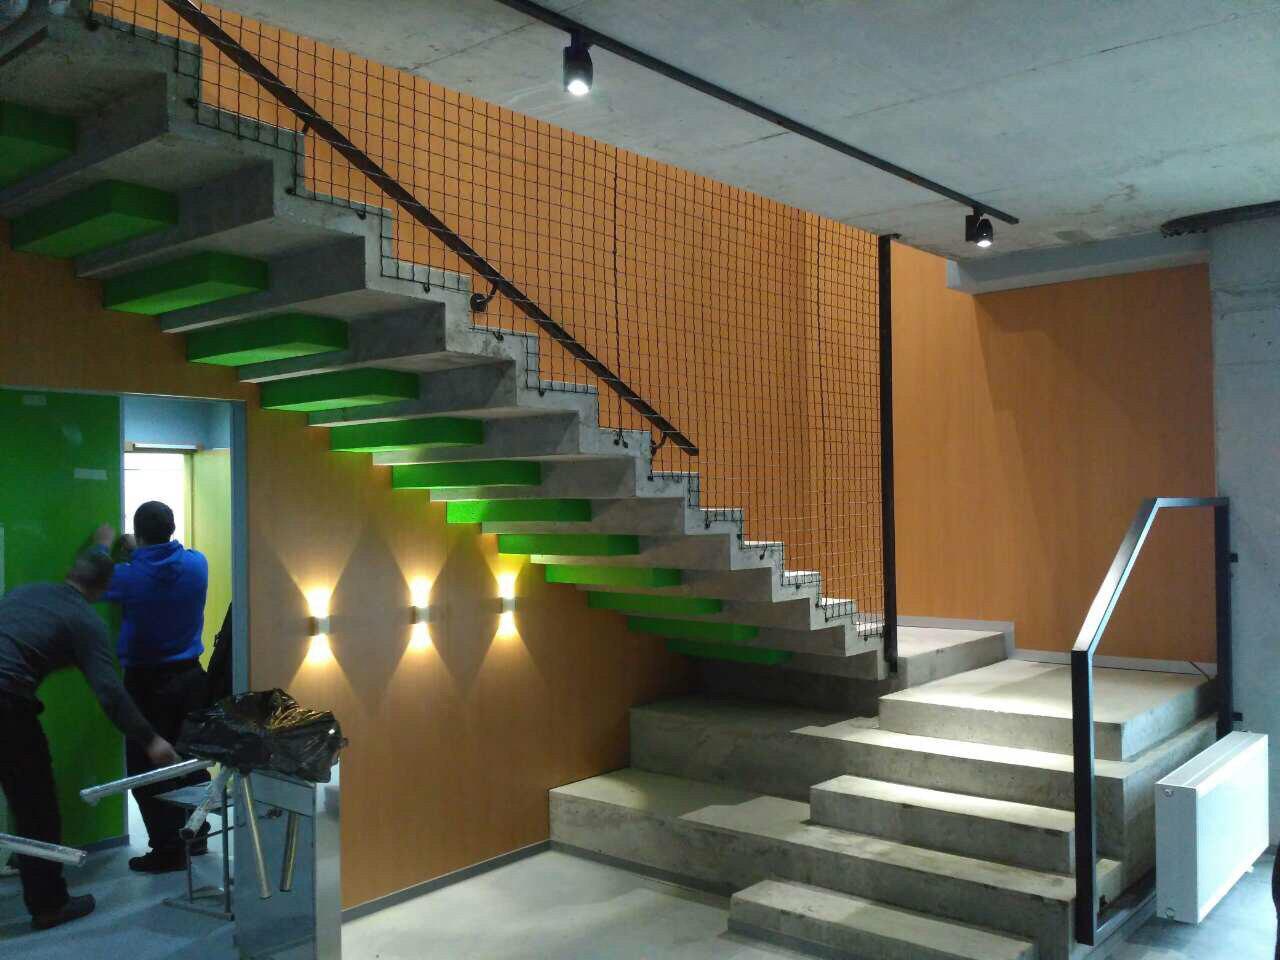 П-образная лестница зеркальной конструкции